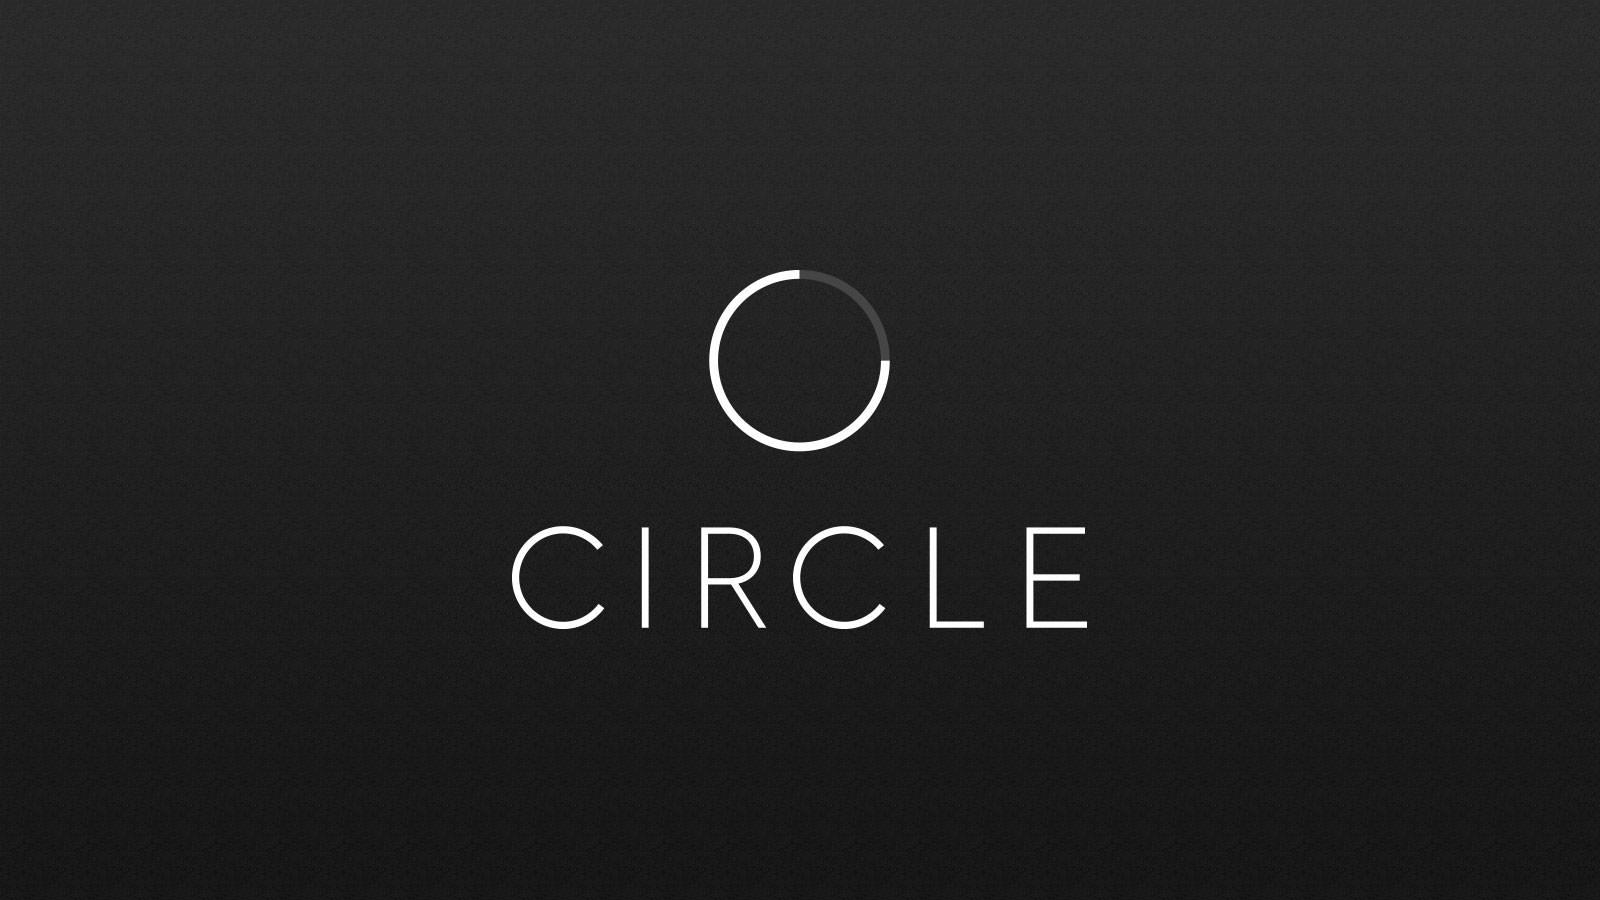 Circle_logo.jpeg